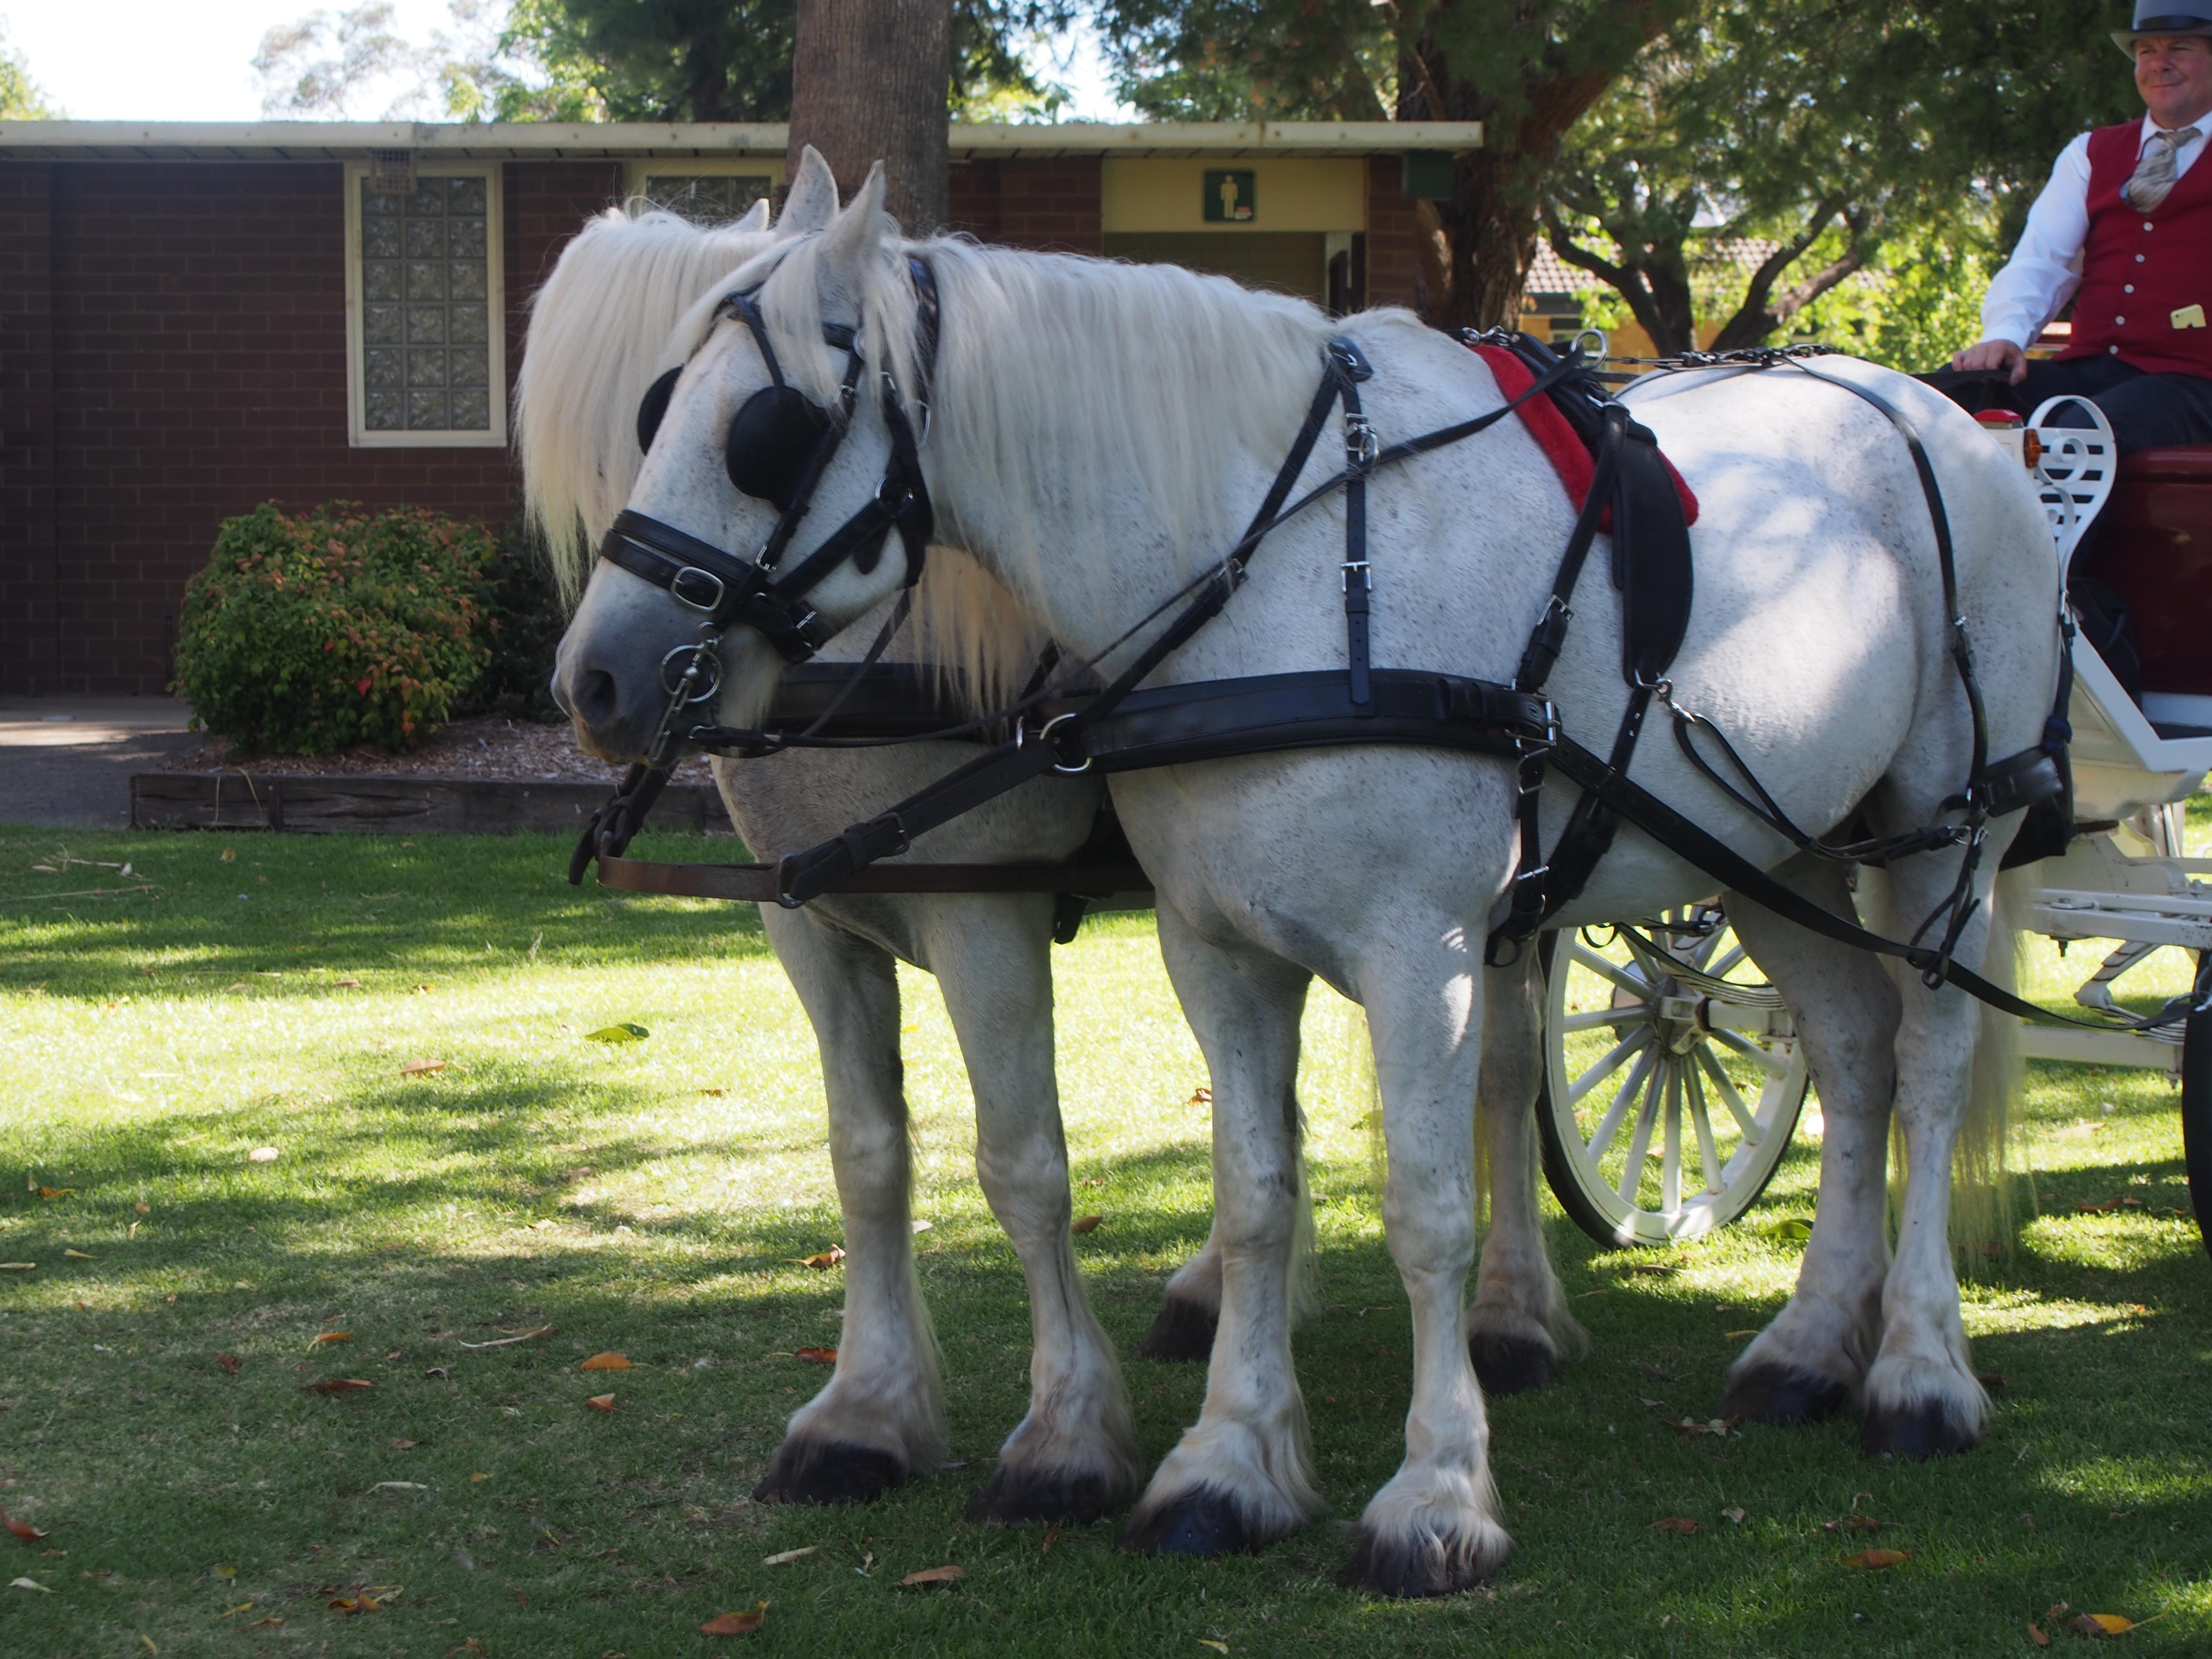 Etain: The Horses